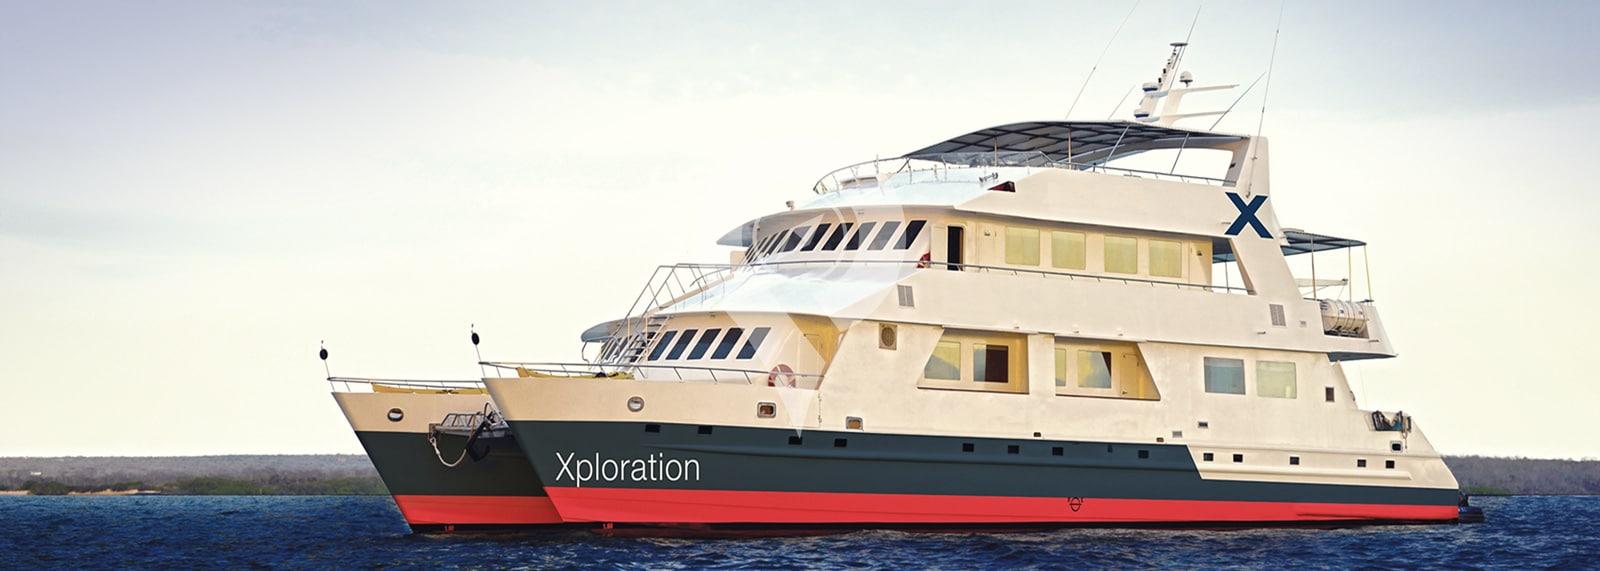 Celebrity Xploration Galapagos Catamaran